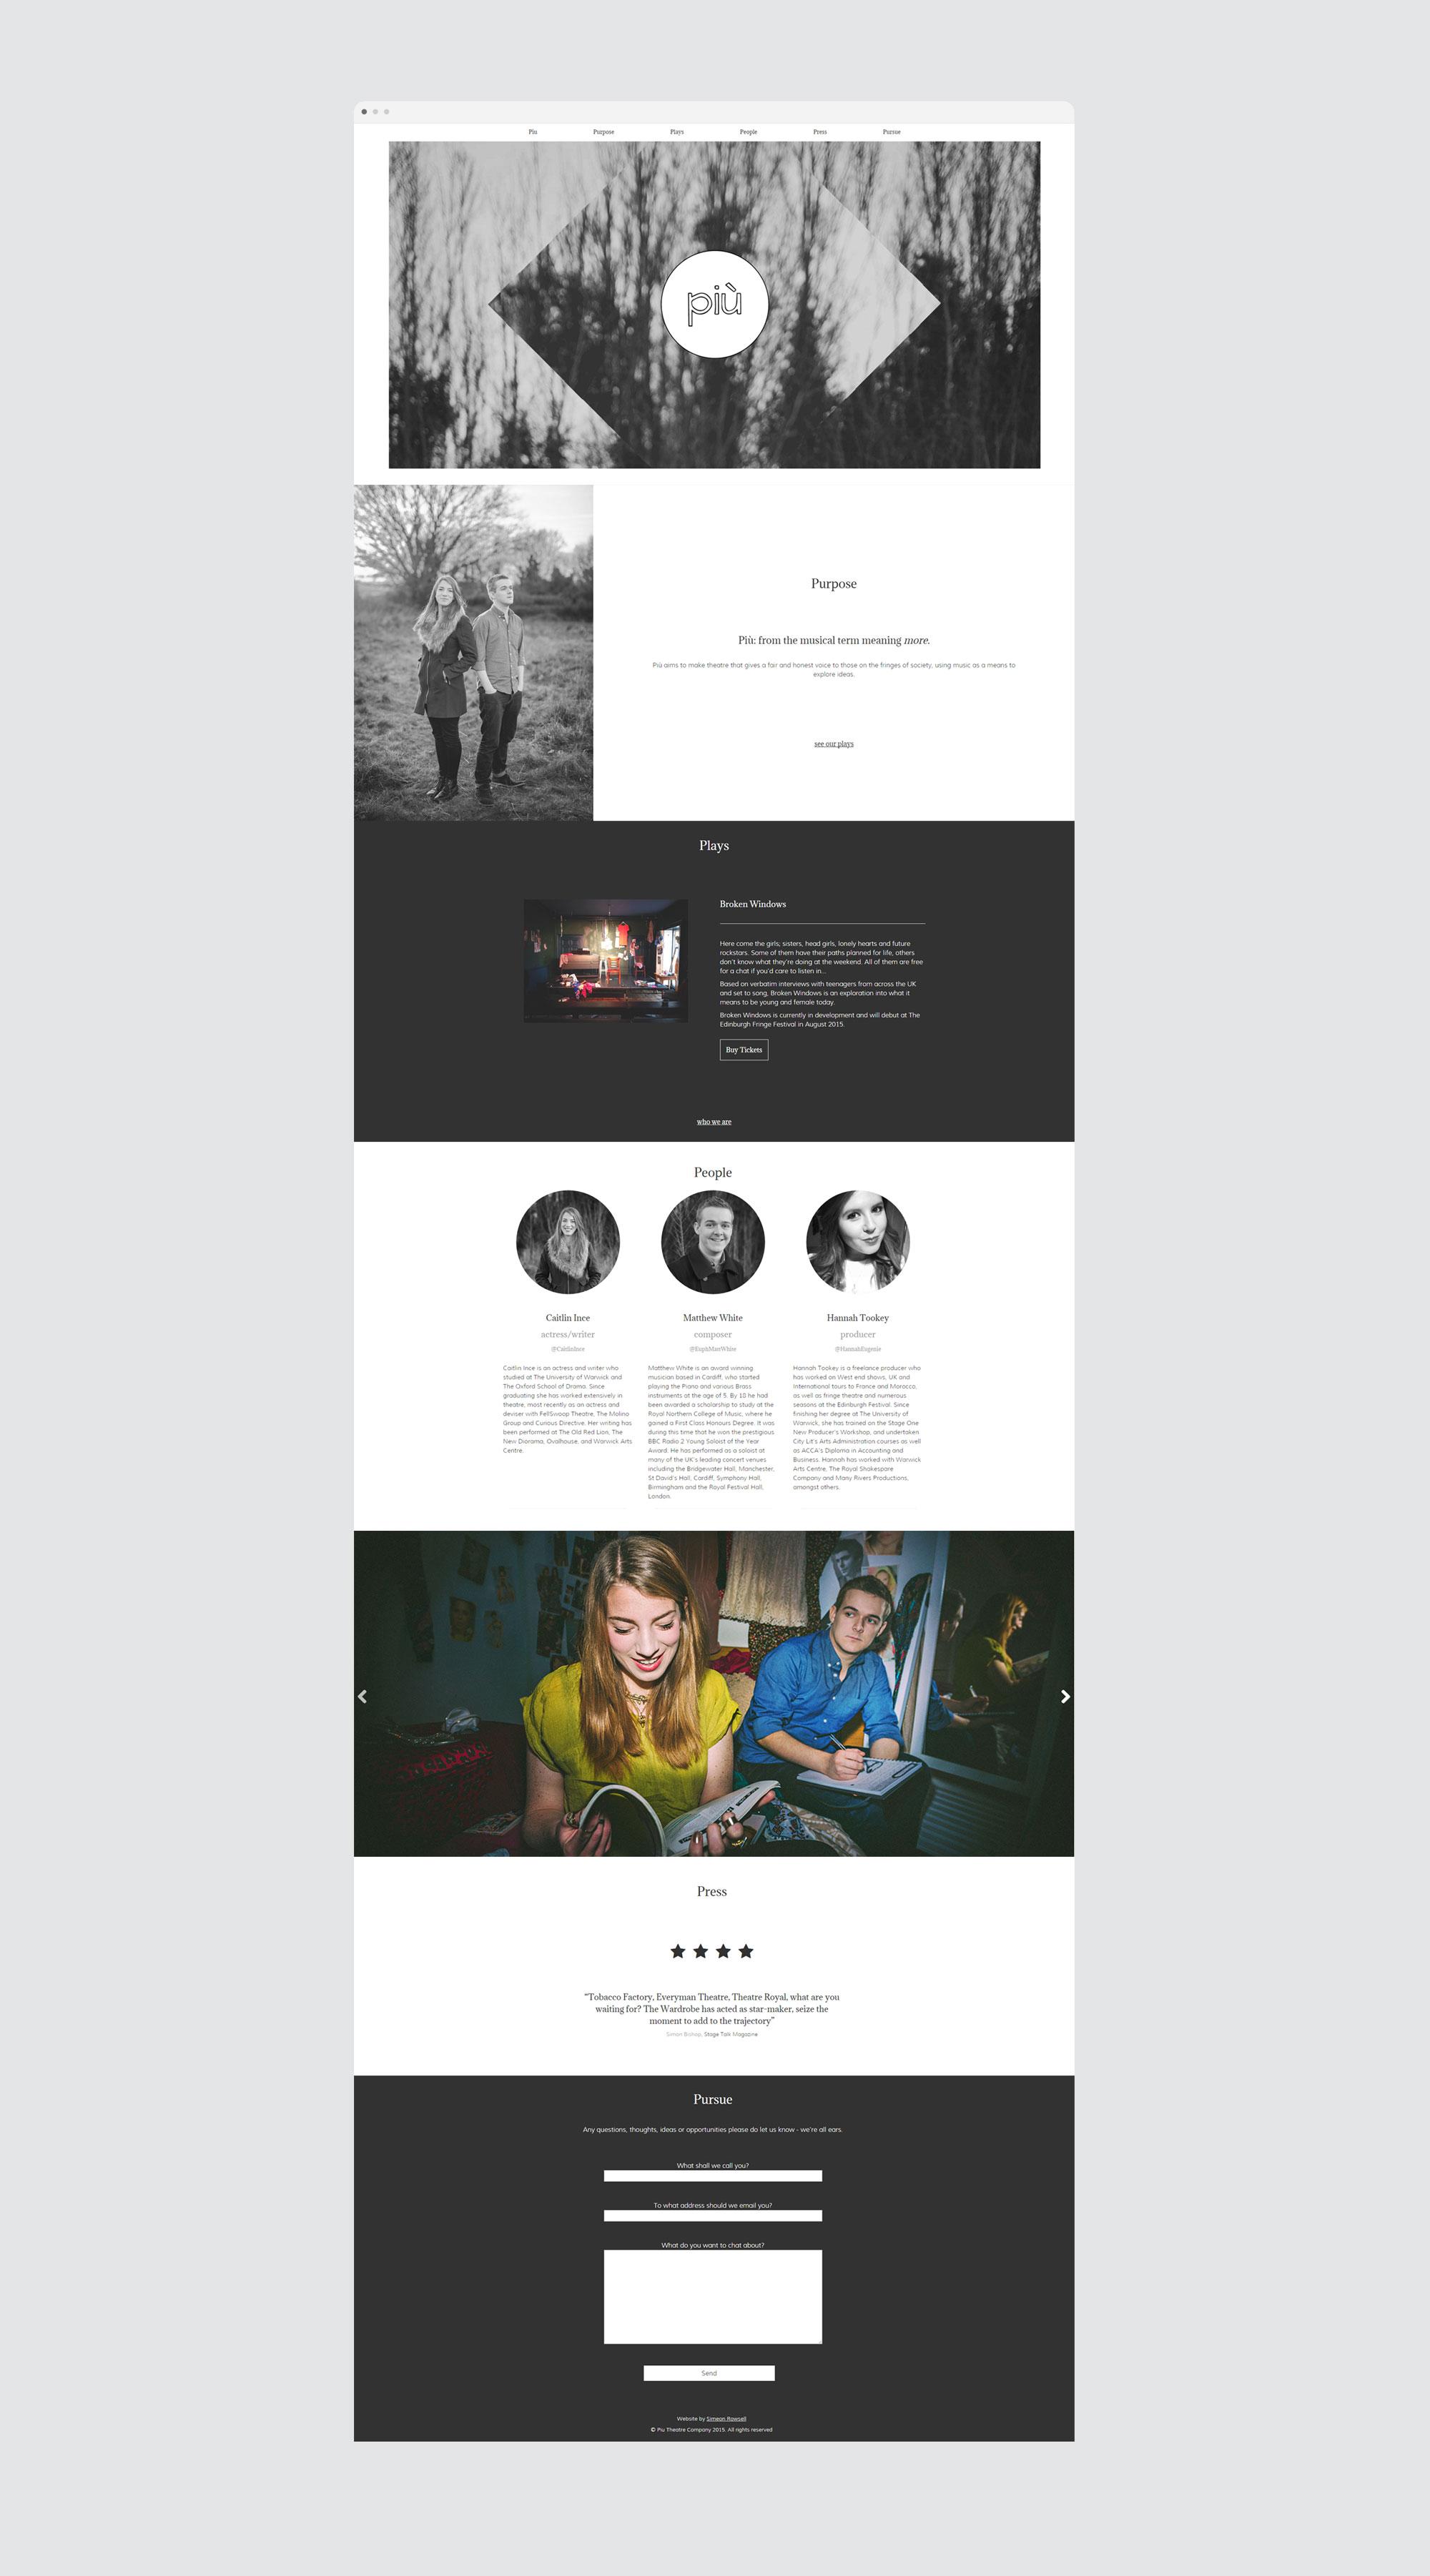 Piu theatre web design